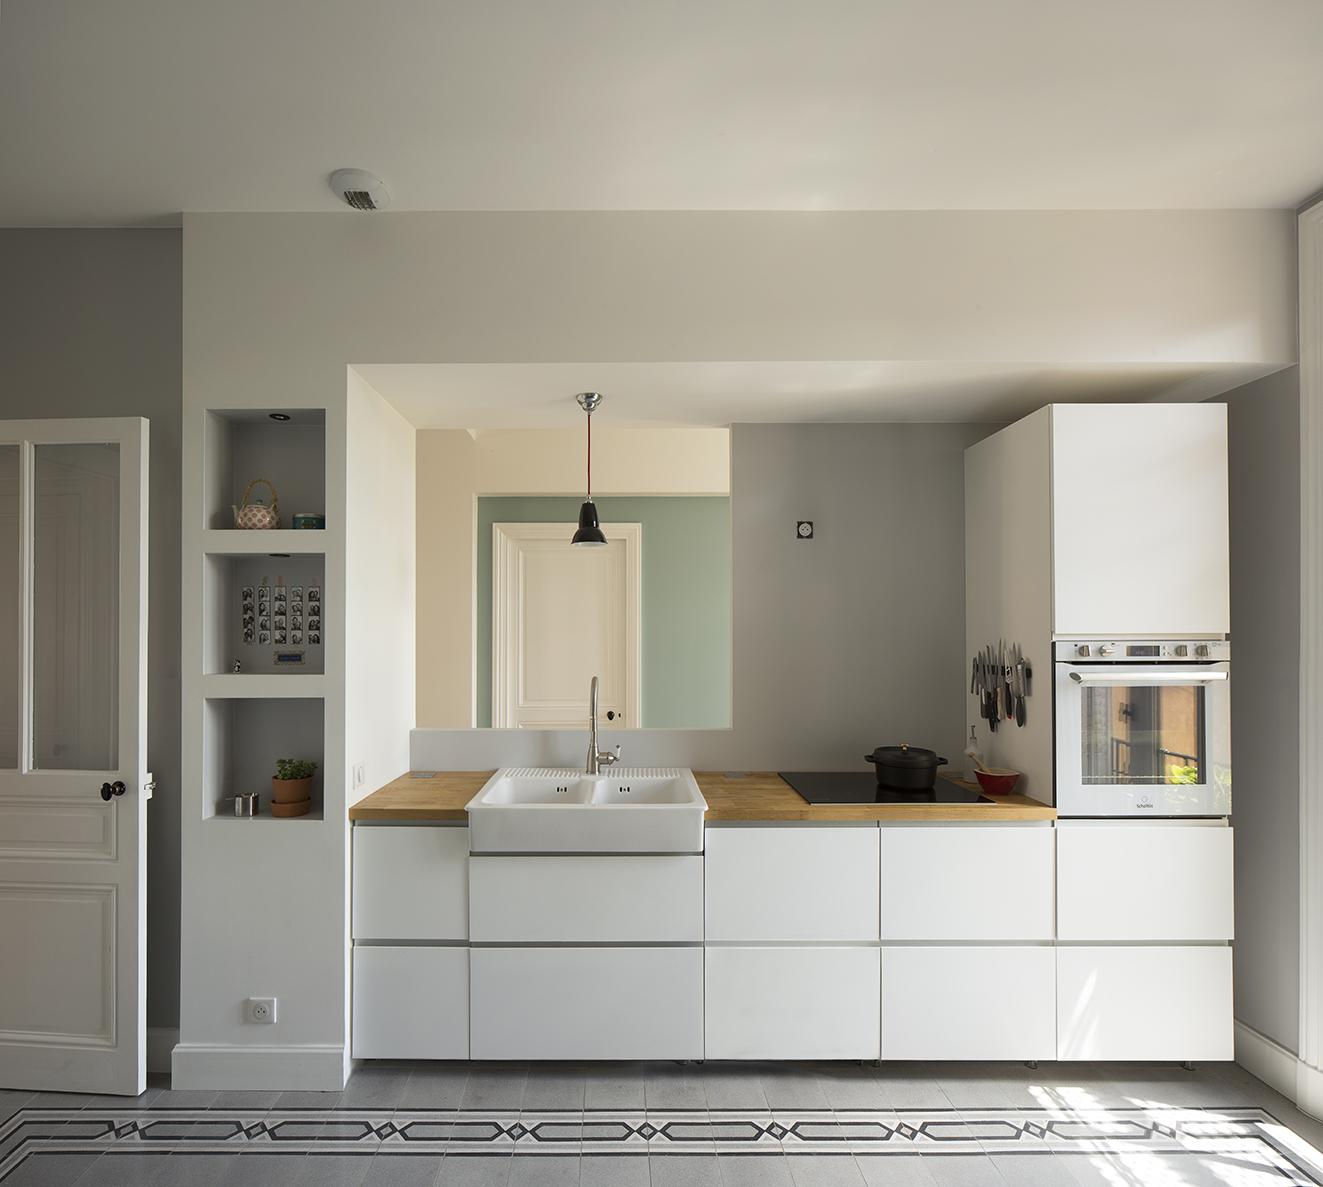 veronique almarcha architecte roanne loire ordre des architectes. Black Bedroom Furniture Sets. Home Design Ideas